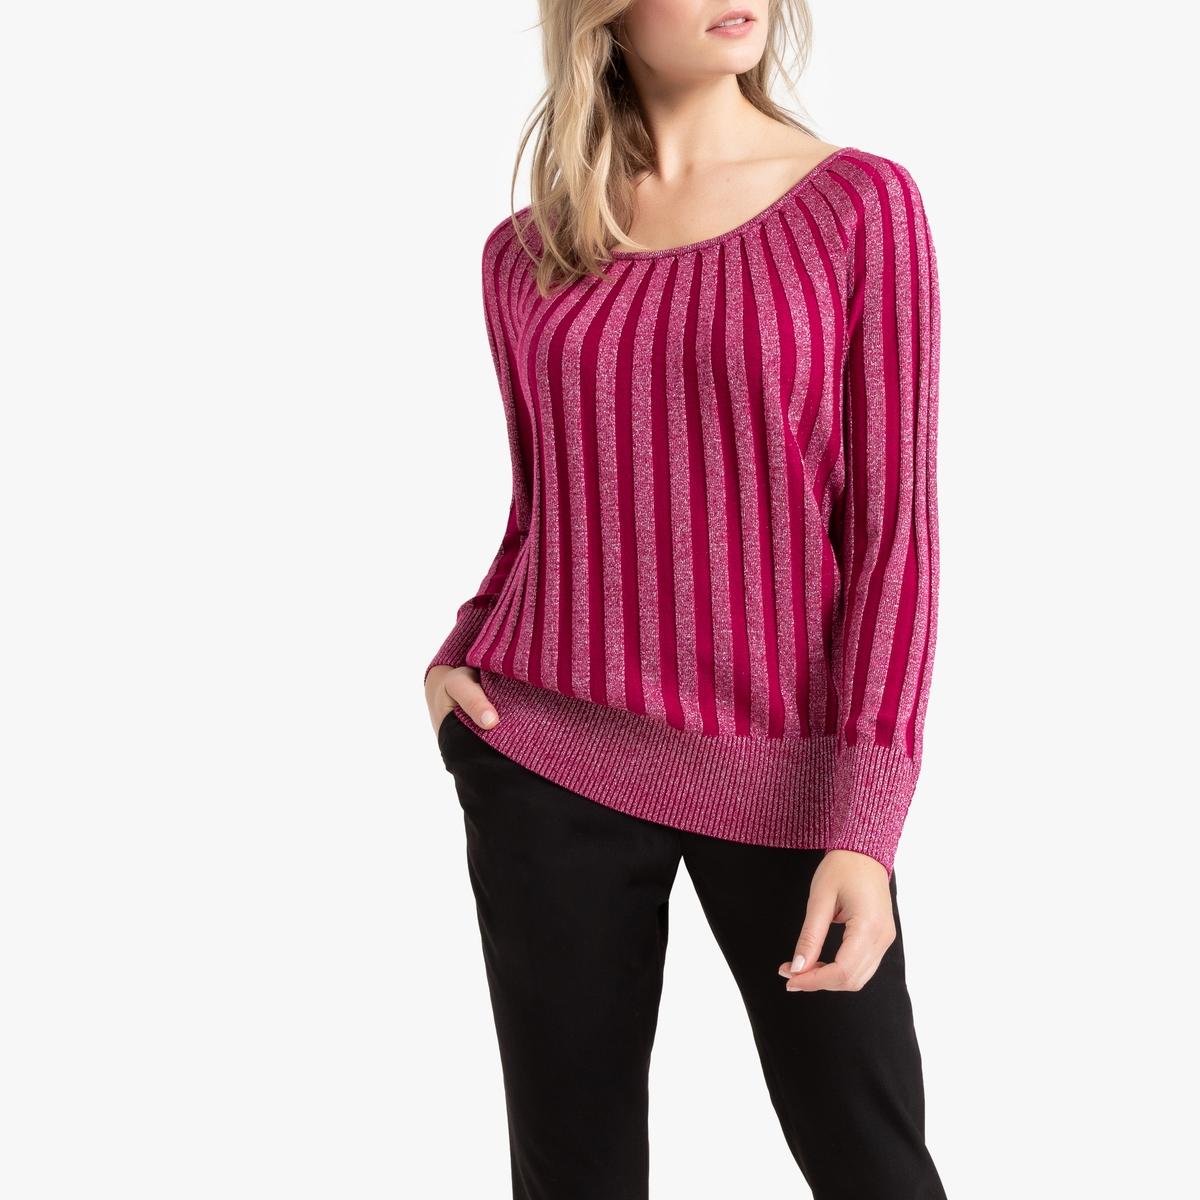 Пуловер La Redoute С круглым вырезом из тонкого трикотажа 50/52 (FR) - 56/58 (RUS) розовый пуловер la redoute с круглым вырезом из шерсти мериноса pascal 3xl черный